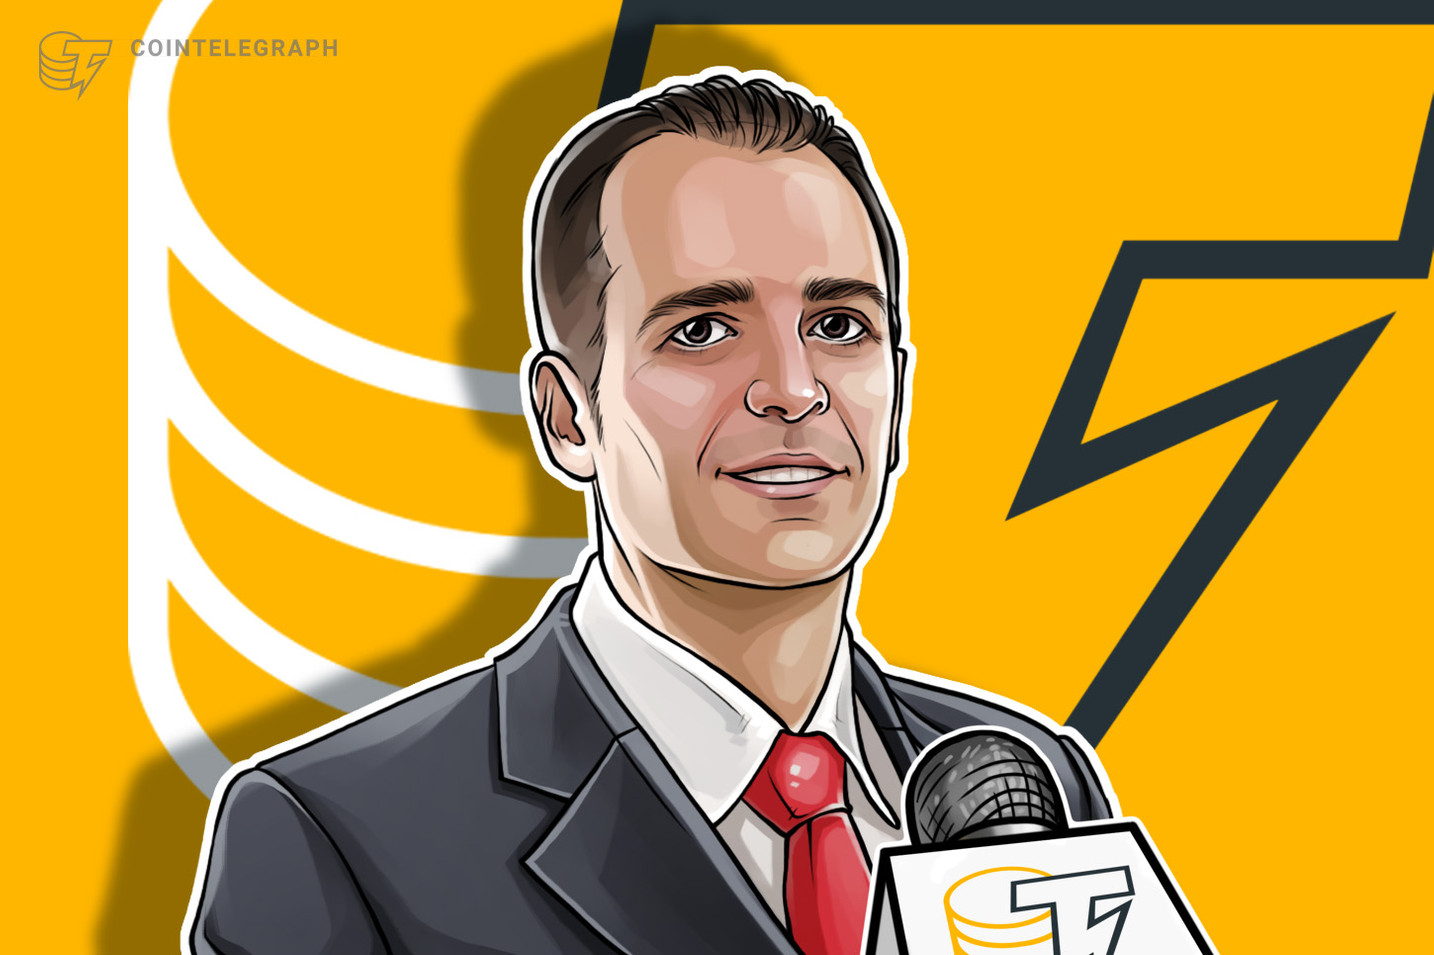 """CEO de iCommunity Labs: """"Los sectores más interesados en blockchain son el financiero, el legal, el logístico y el alimentario"""""""